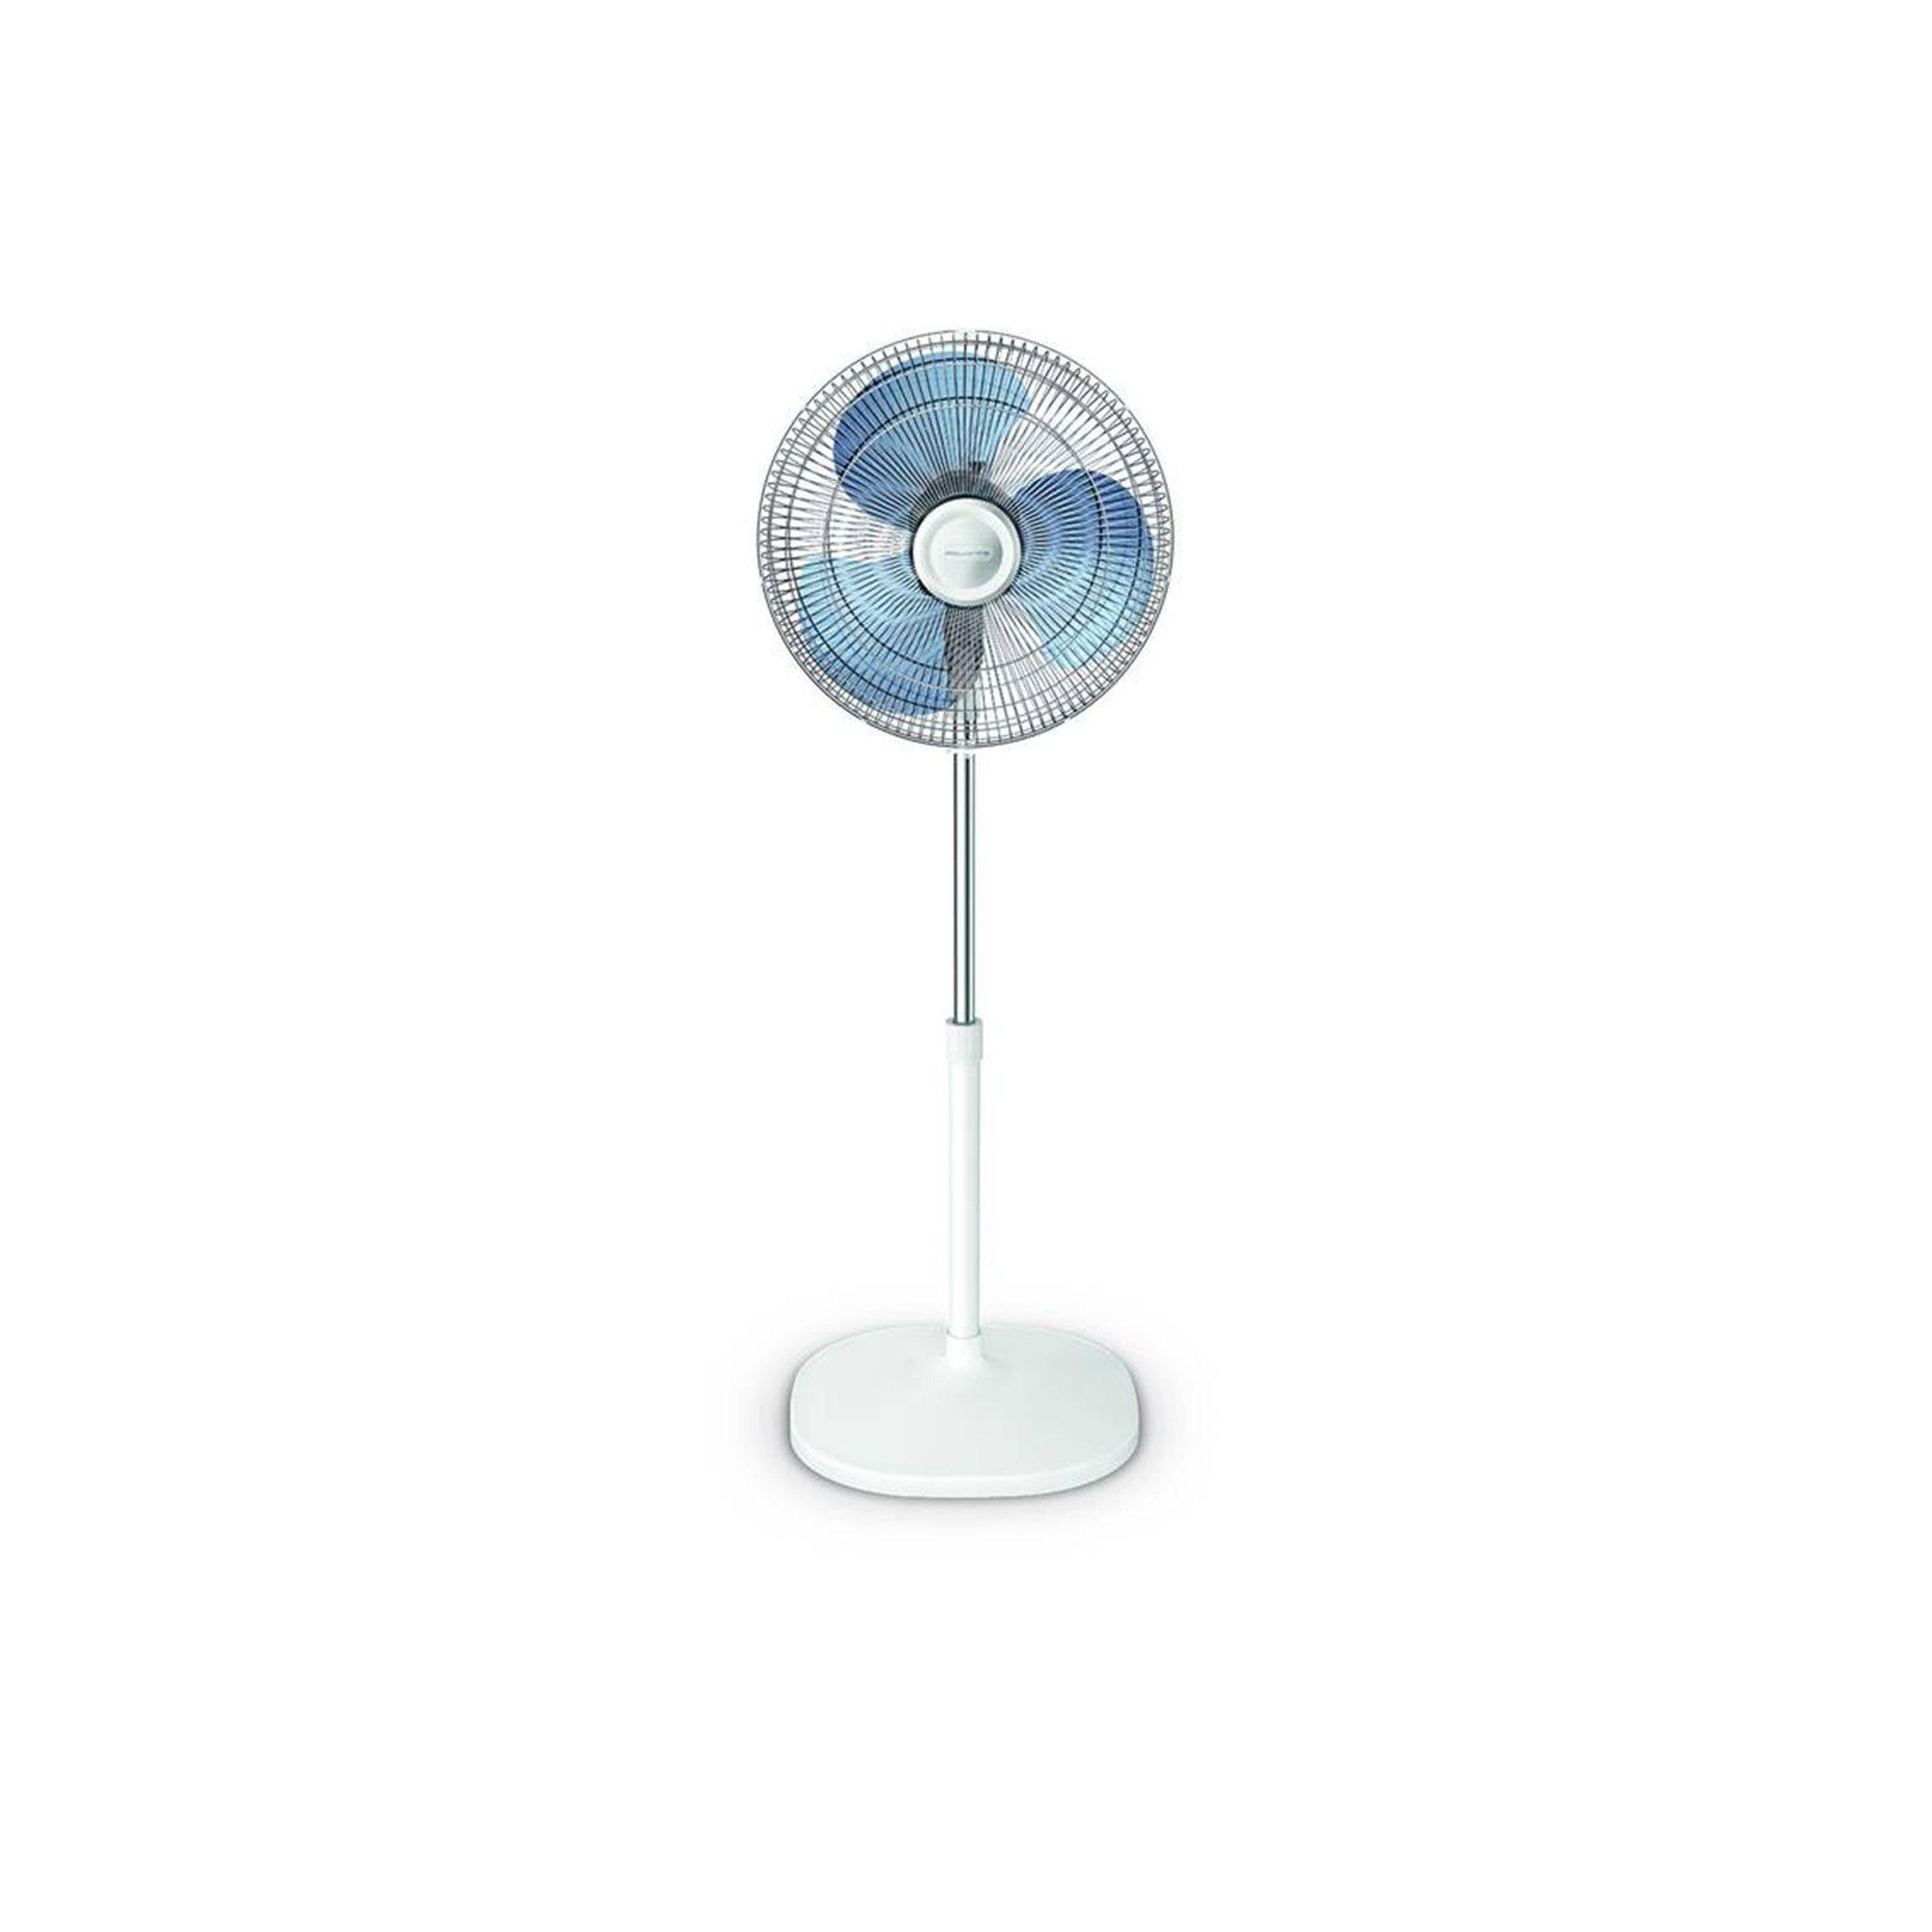 Rowenta Essential ventilatore a piantana